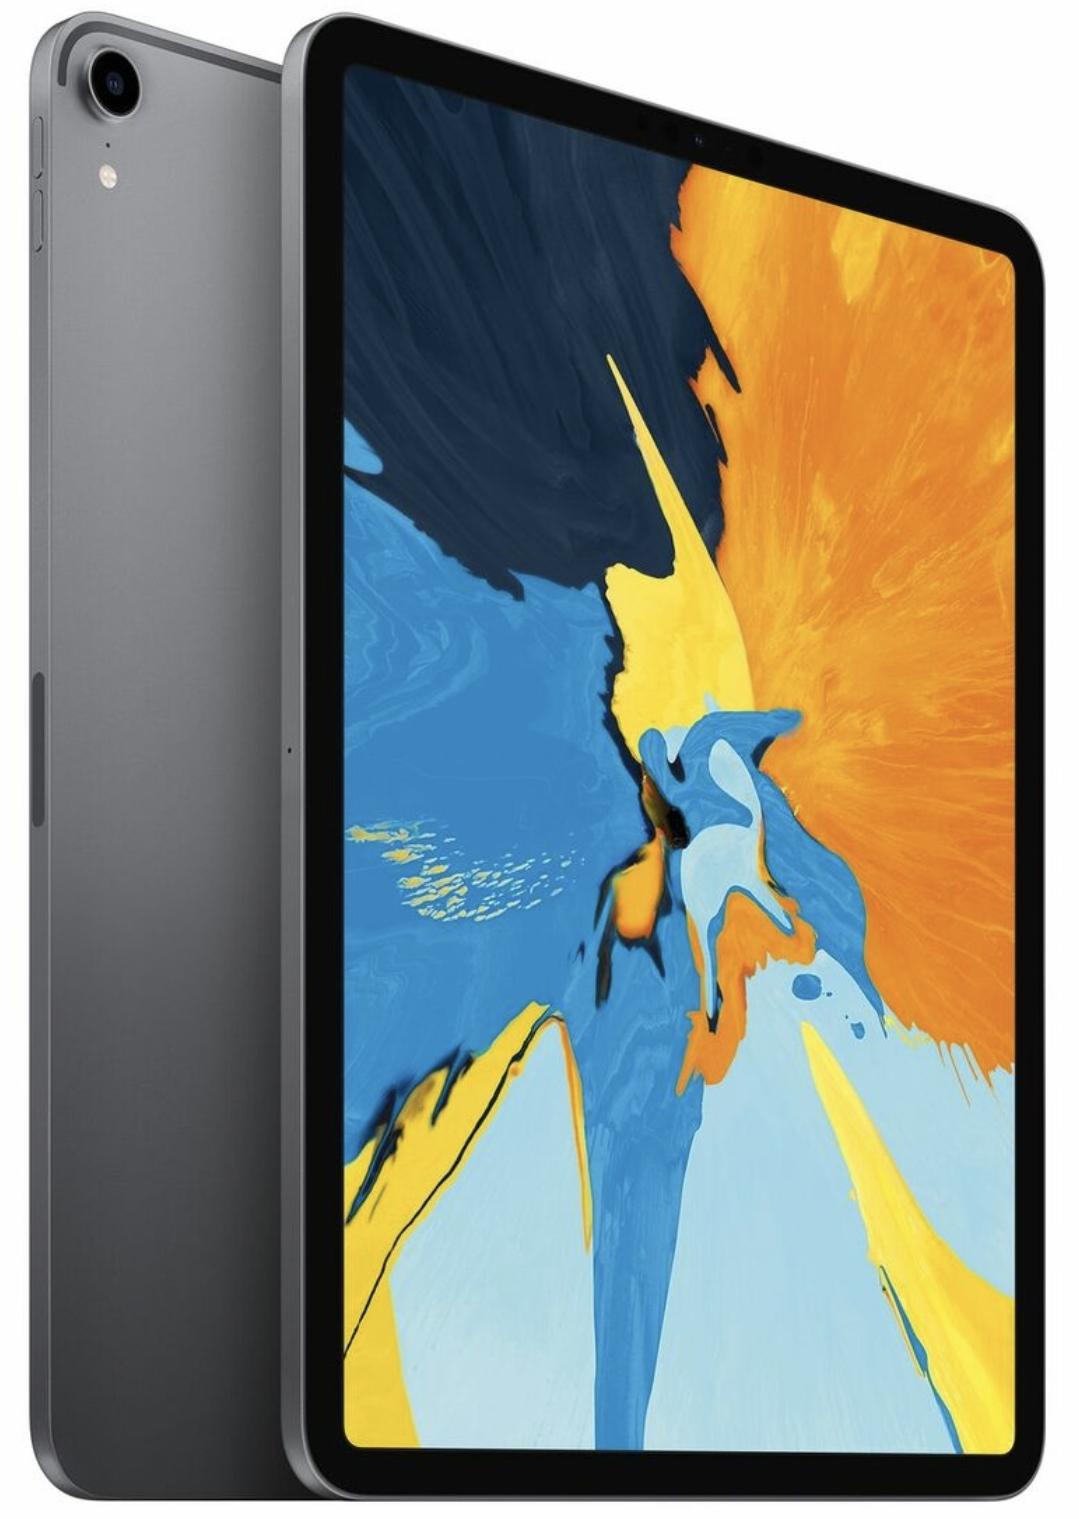 Apple iPad Pro 11 WiFi 256GB spacegrau für 829,90€ inkl. Versandkosten [Gravis ebay]